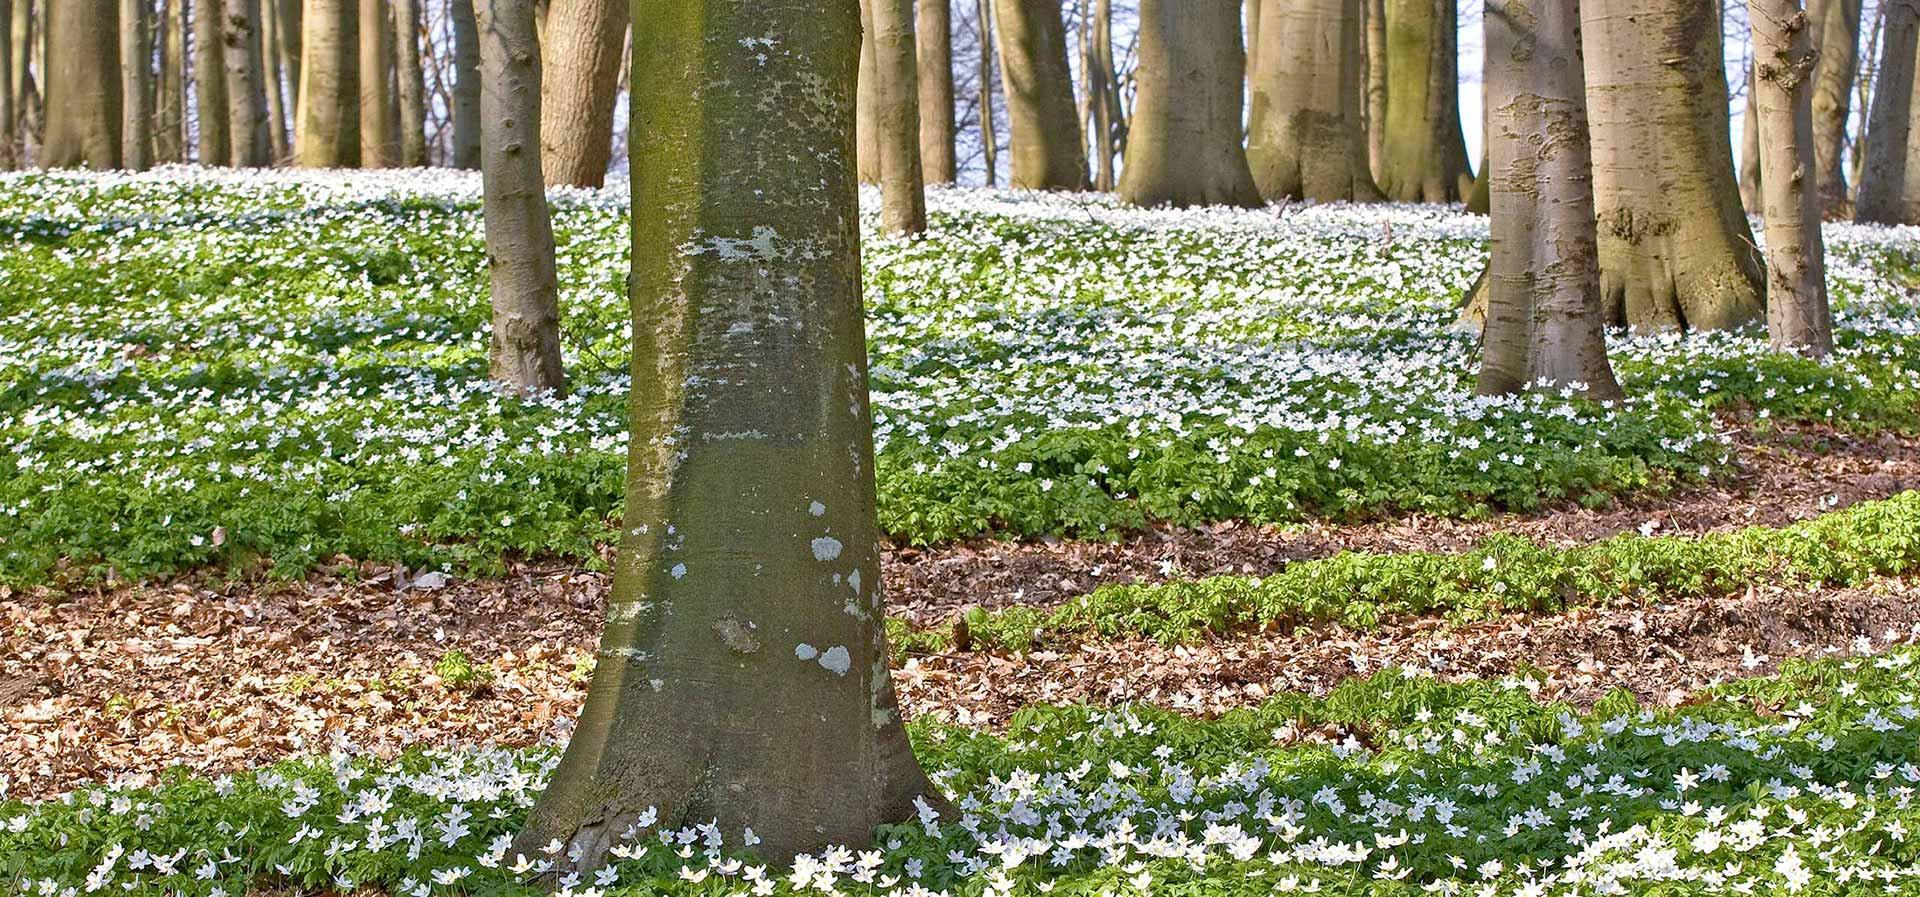 Anemonenblüte im Begräbniswald an der Ostsee, ihre Alternative für eine Beisetzung auf dem Friedhof im Waldfriedhof, Ruheforst oder Friedwald.